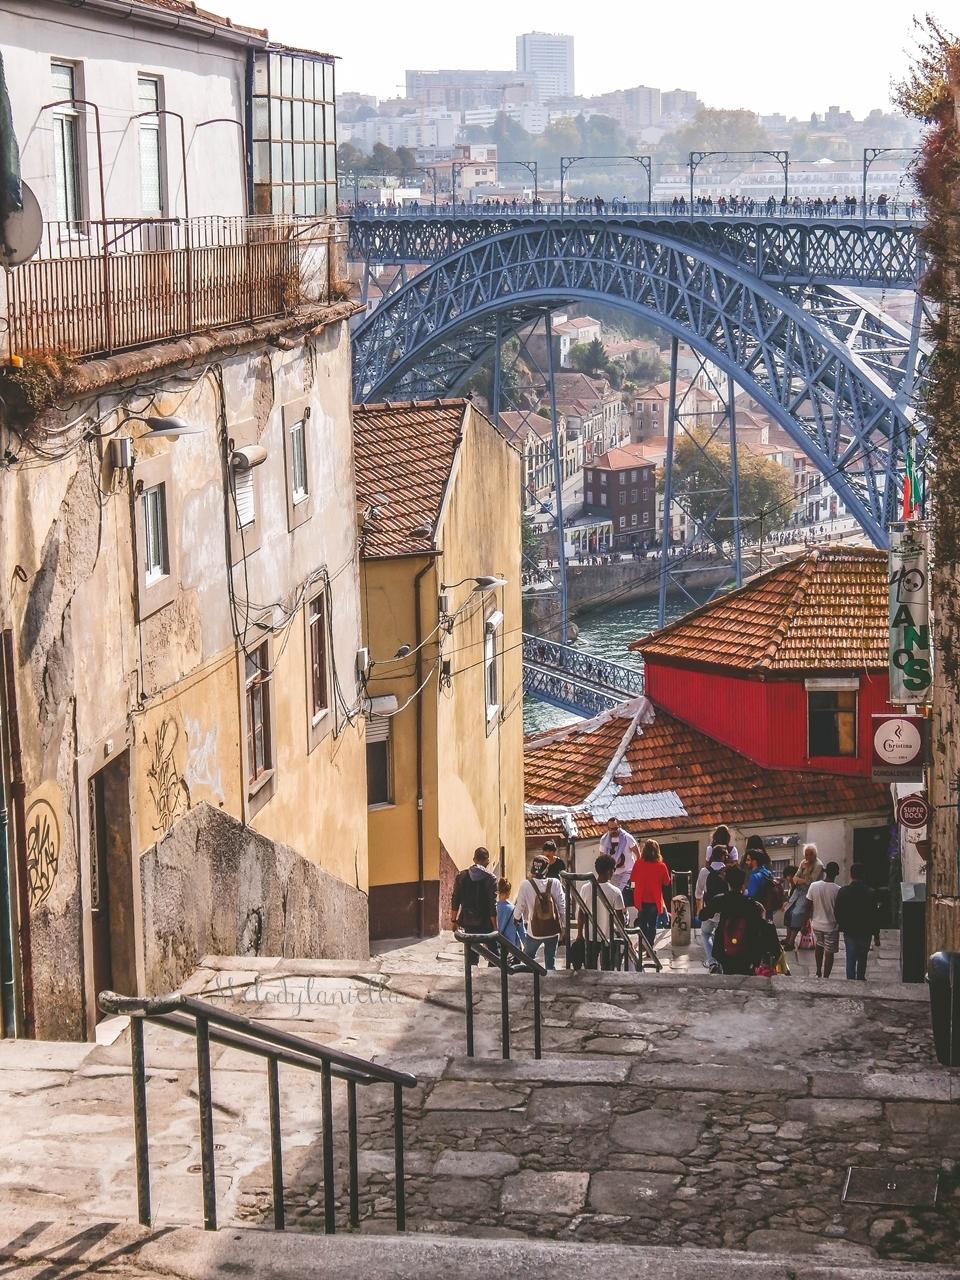 15 uliczki3-2  co zobaczyć w Porto w portugalii ciekawe miejsca musisz zobaczyć top miejsc w porto zabytki piękne uliczki miejsca godne zobaczenia blog podróżniczy portugalia melodylaniella